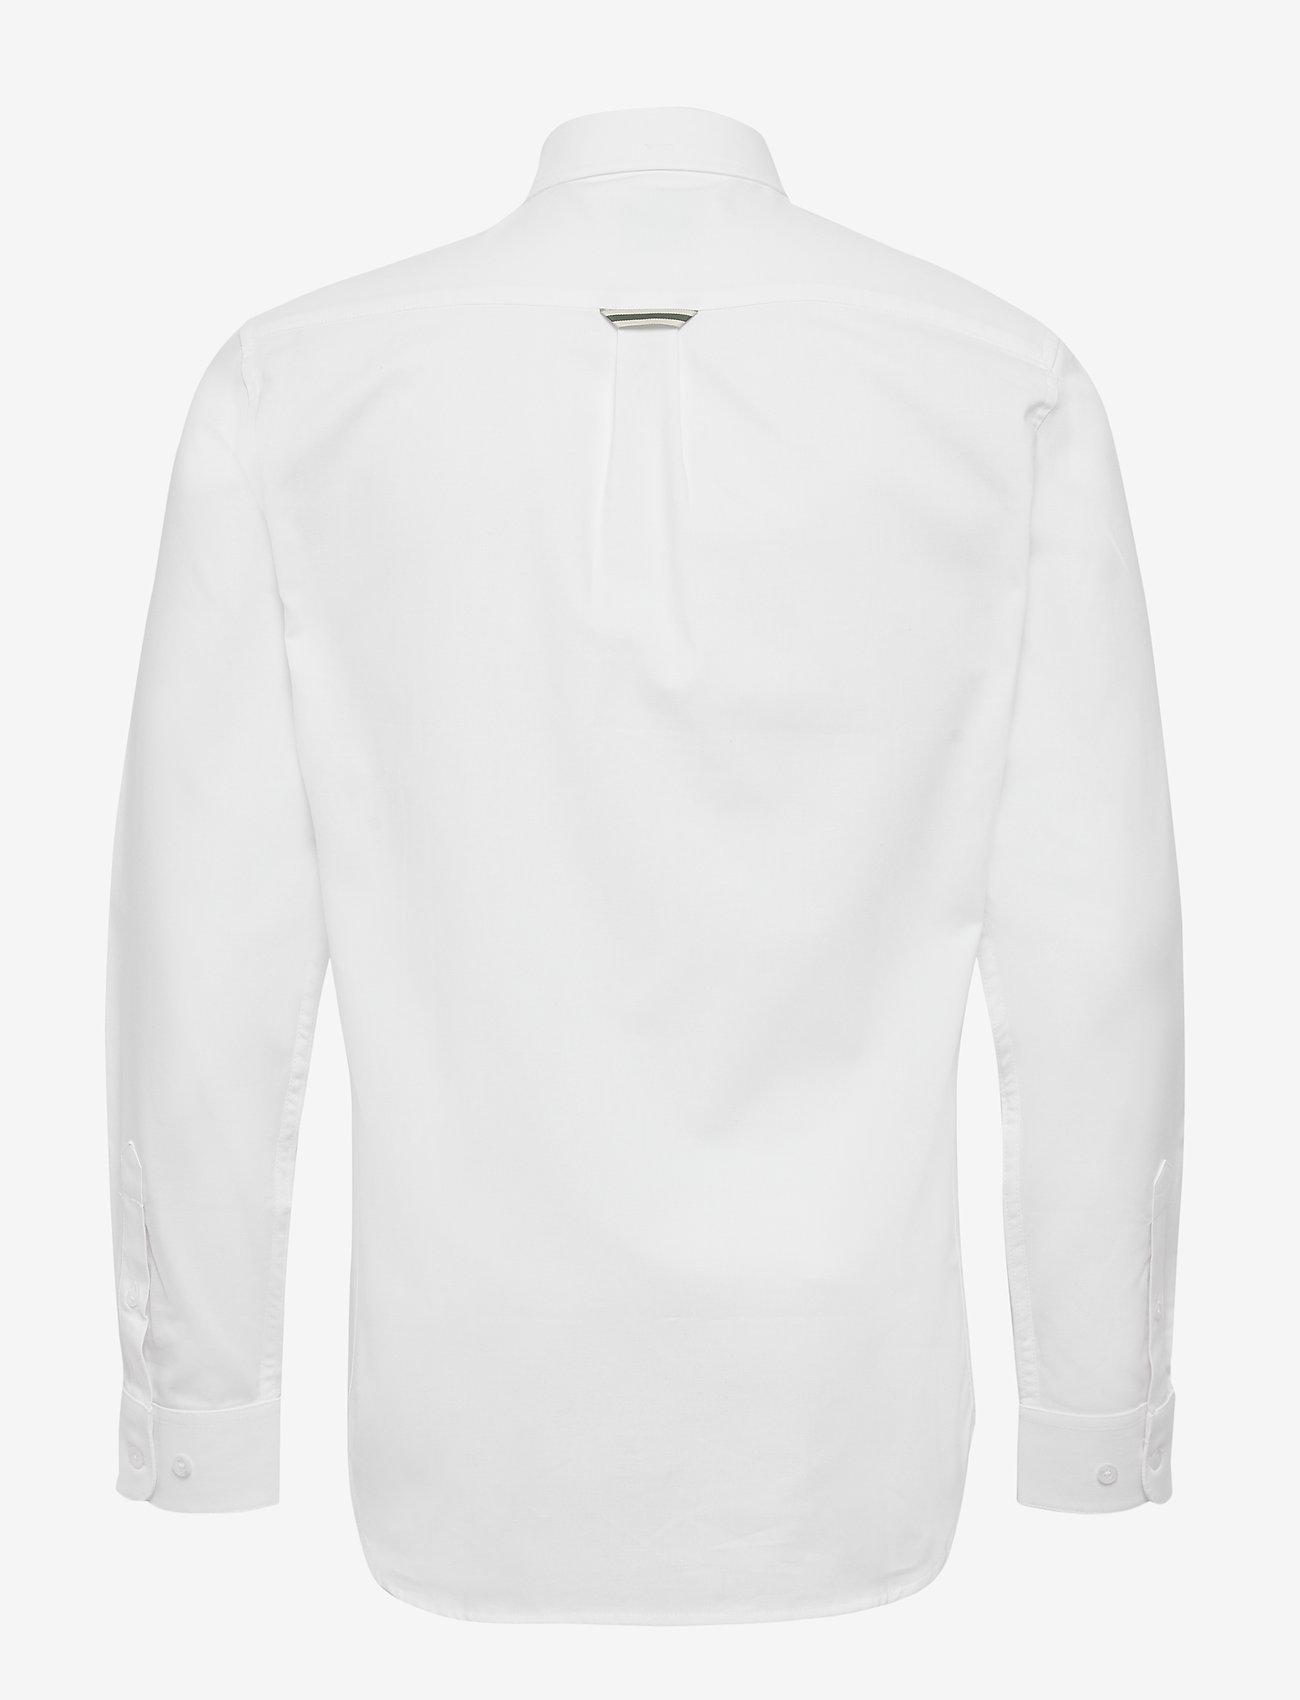 Forét FALCON SHIRT - Skjorter WHITE - Menn Klær